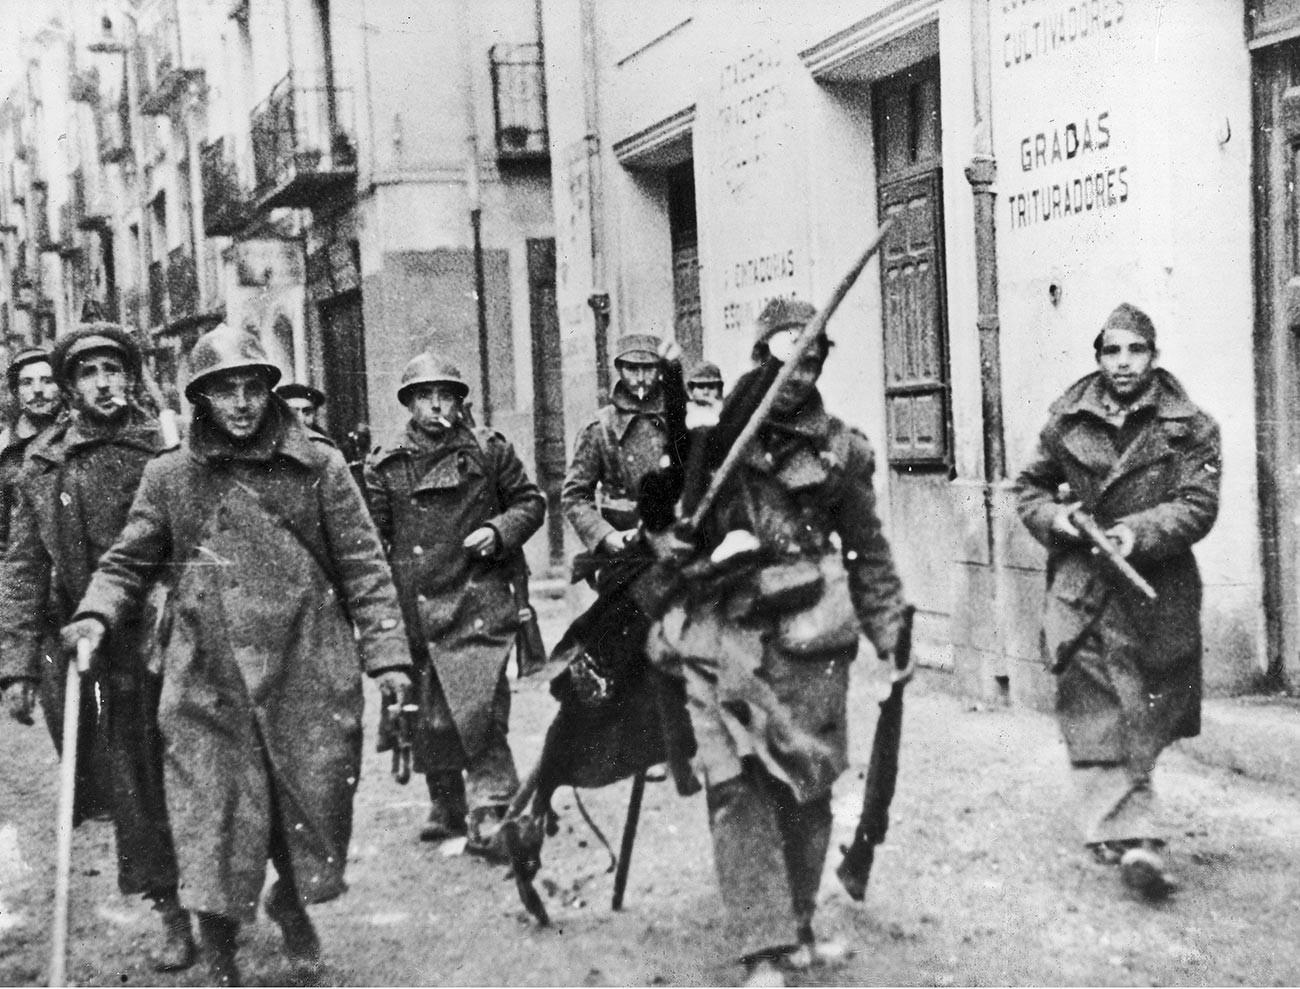 Републиканците го заземаат градот Теруел.